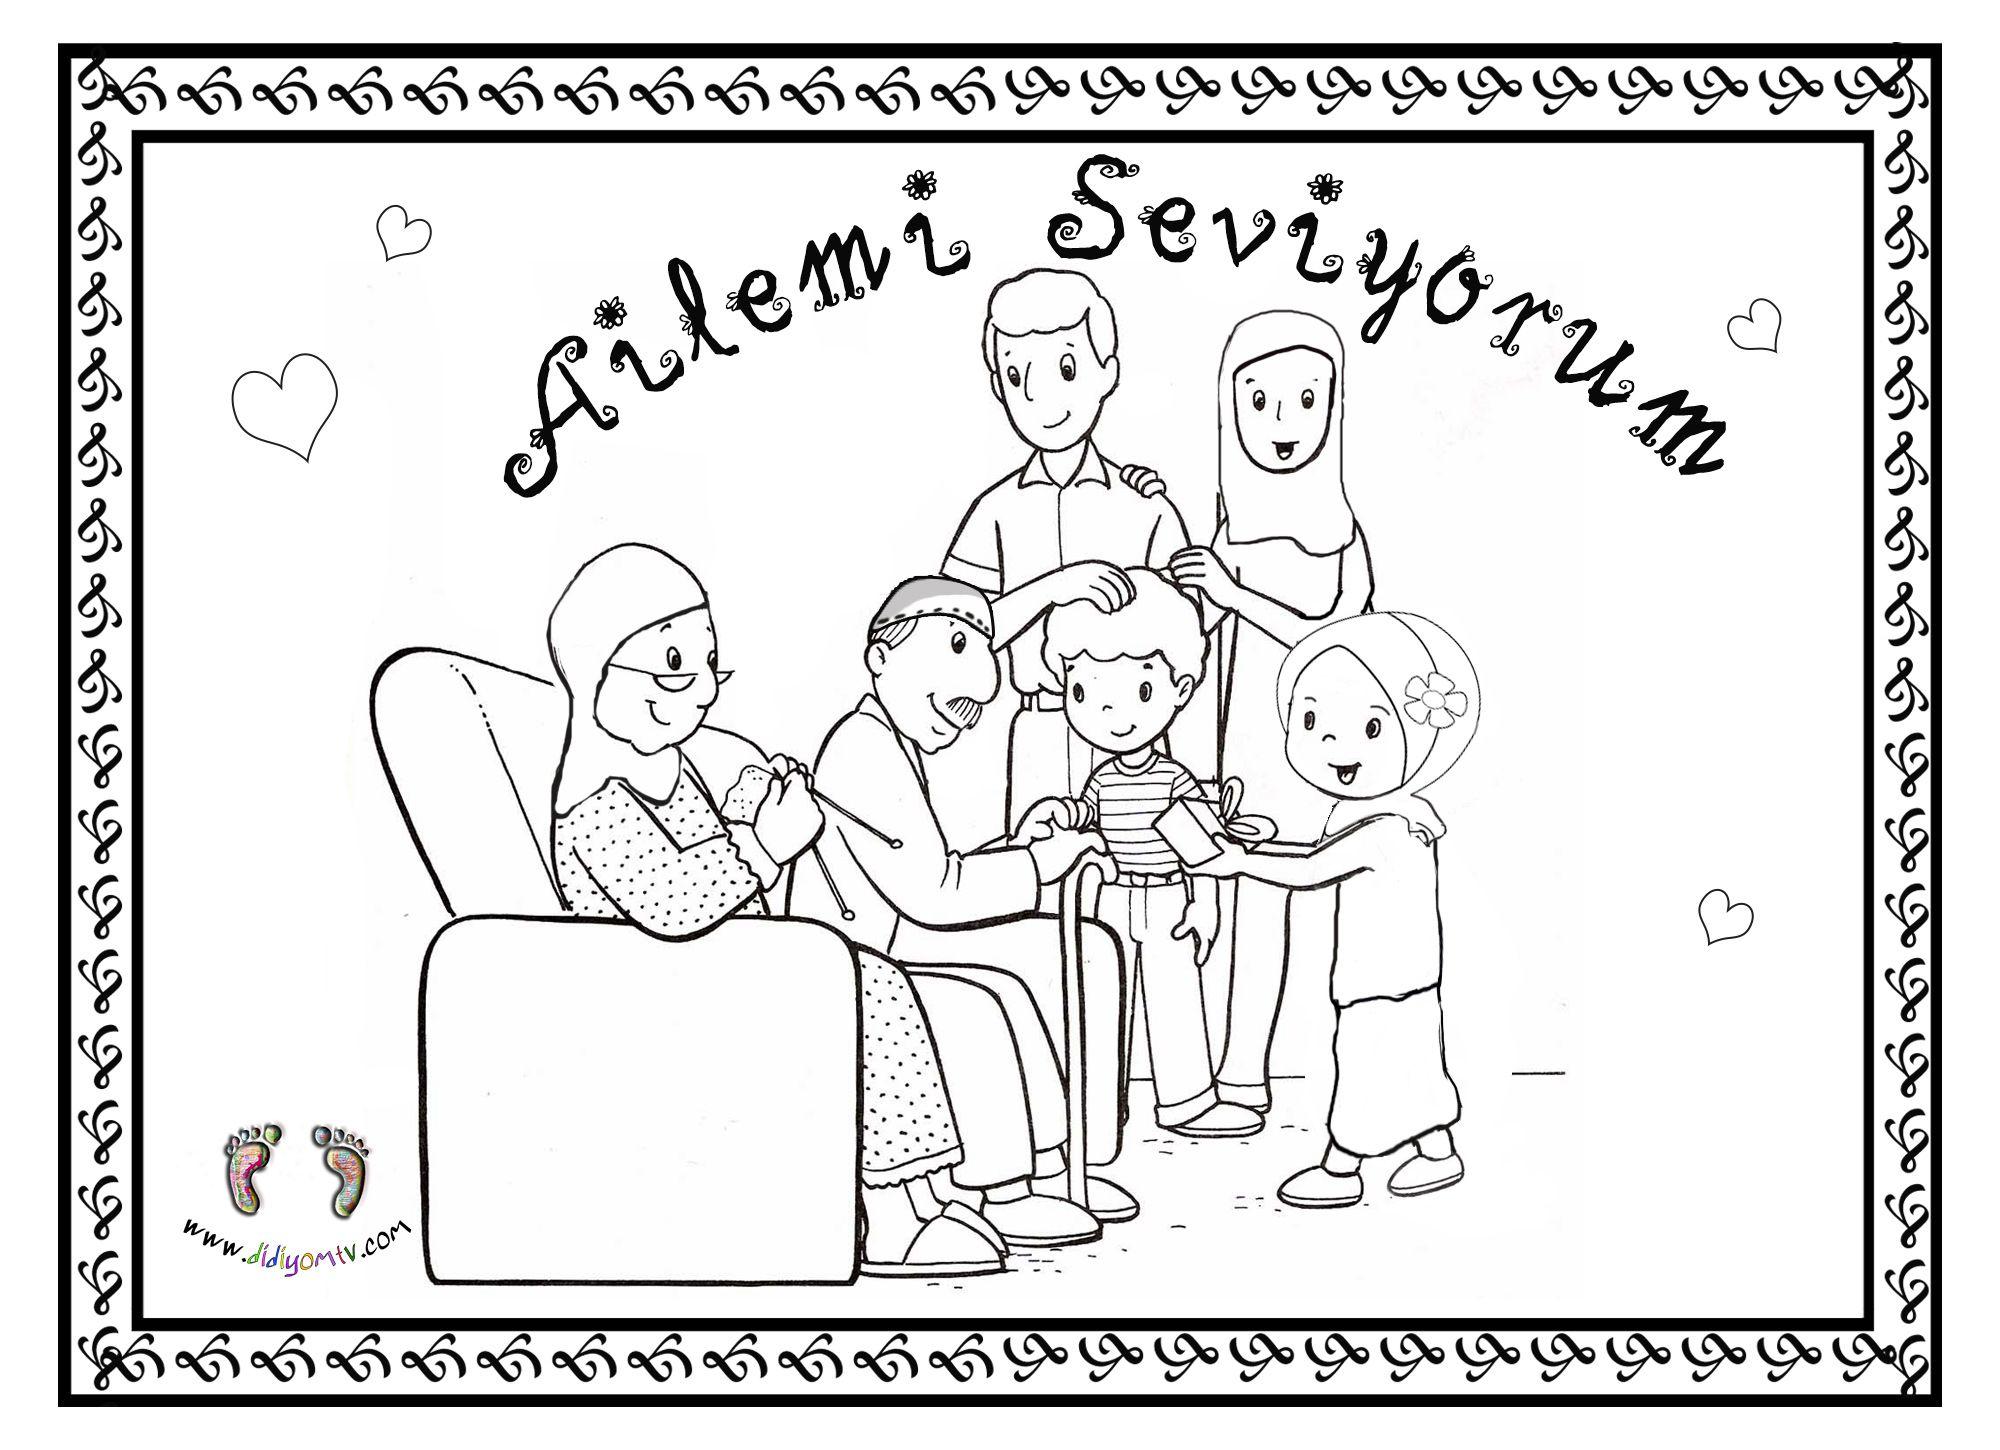 Sevgi Boyama Sayfalari Aile Boyama Sayfasi Ailemi Seviyorum Hediyelesme Boyama Sayfalari Boyama Sayfalari Egitim Tintin